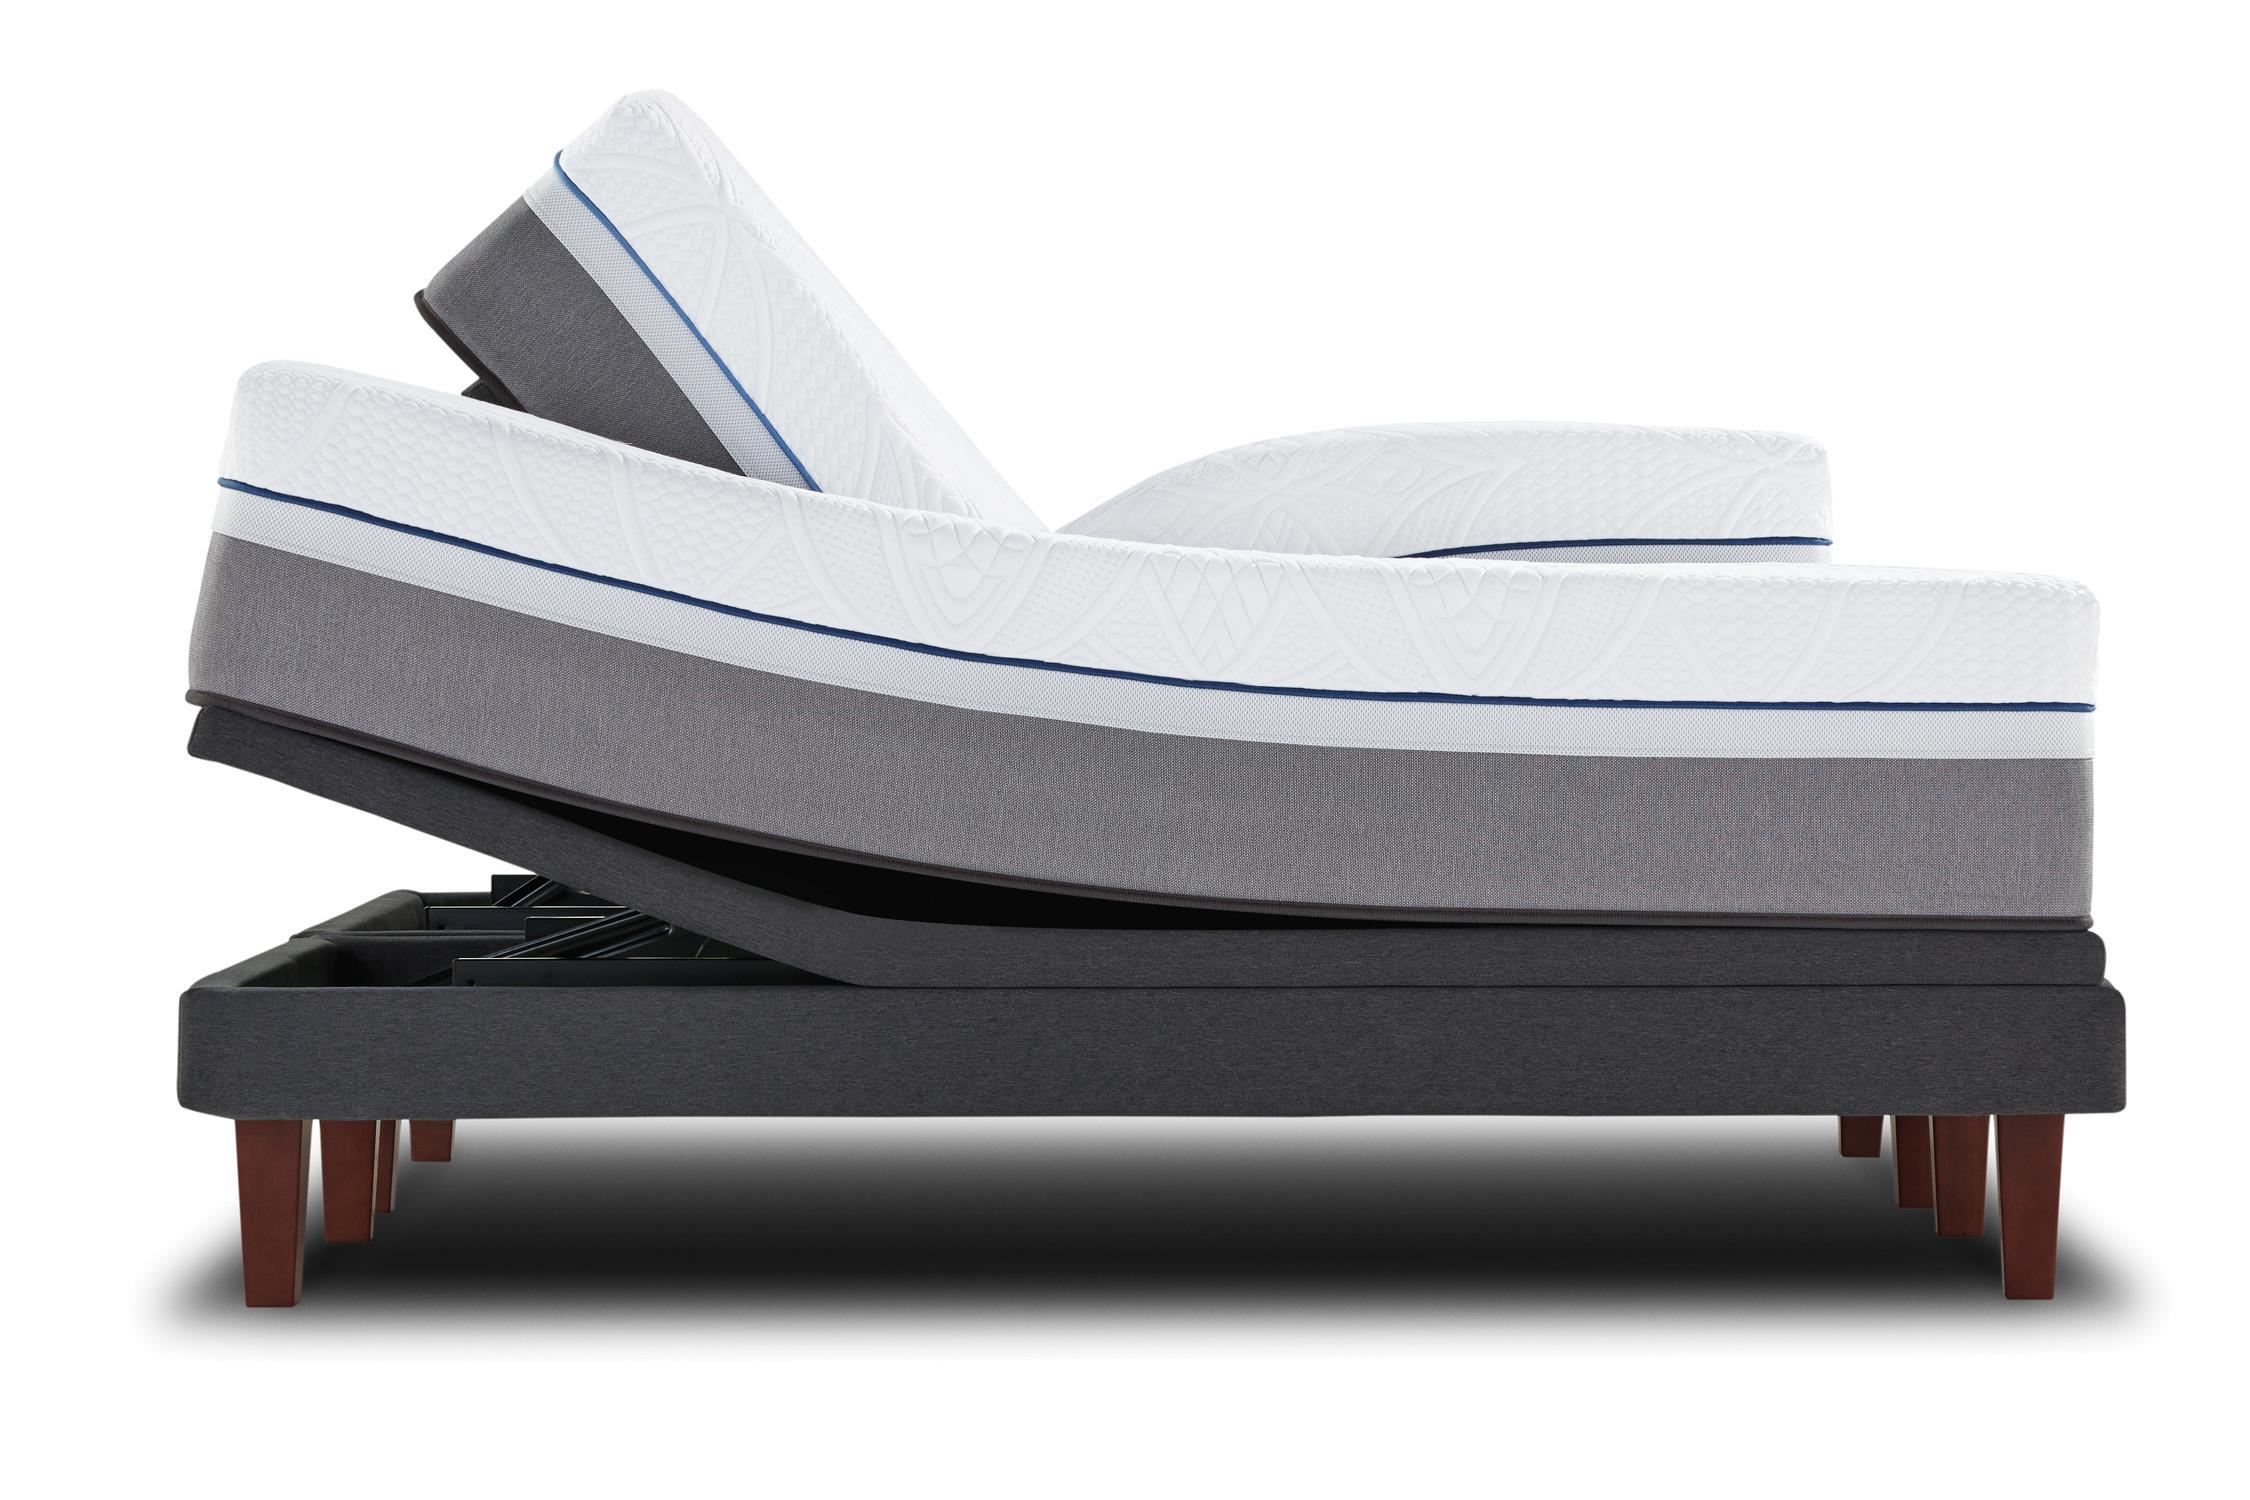 Sealy Posturepedic Hybrid M2 King Plush Mattress Adj Set Item Number Plushhybrid